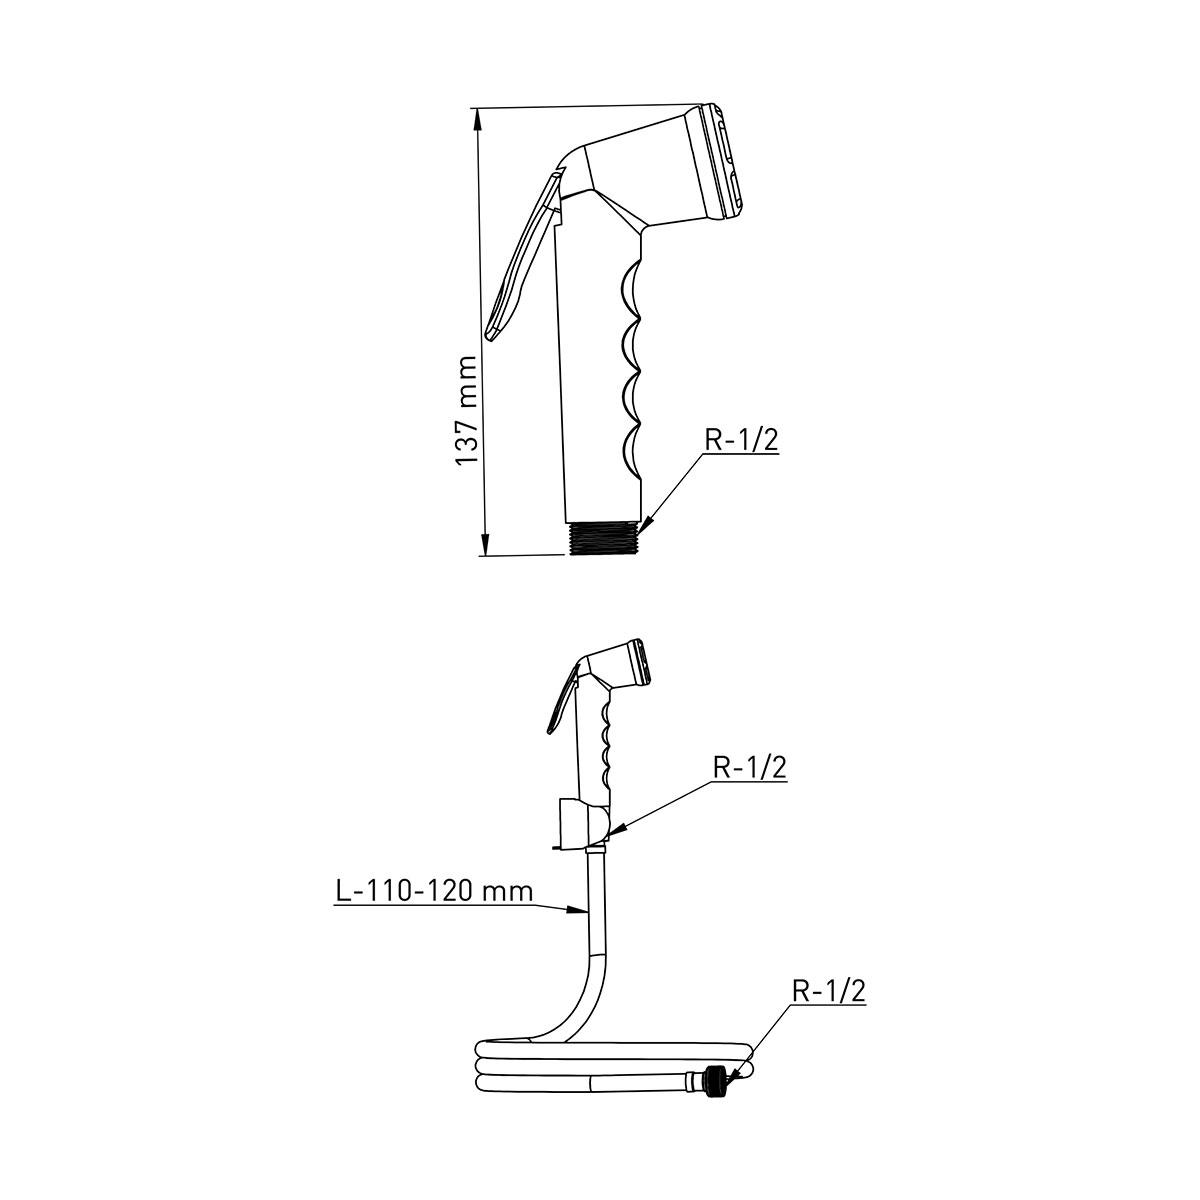 ABS Kalite Beyaz – Krom Taharetmatik, 120cm 360° Dönerli Beyaz Hortum